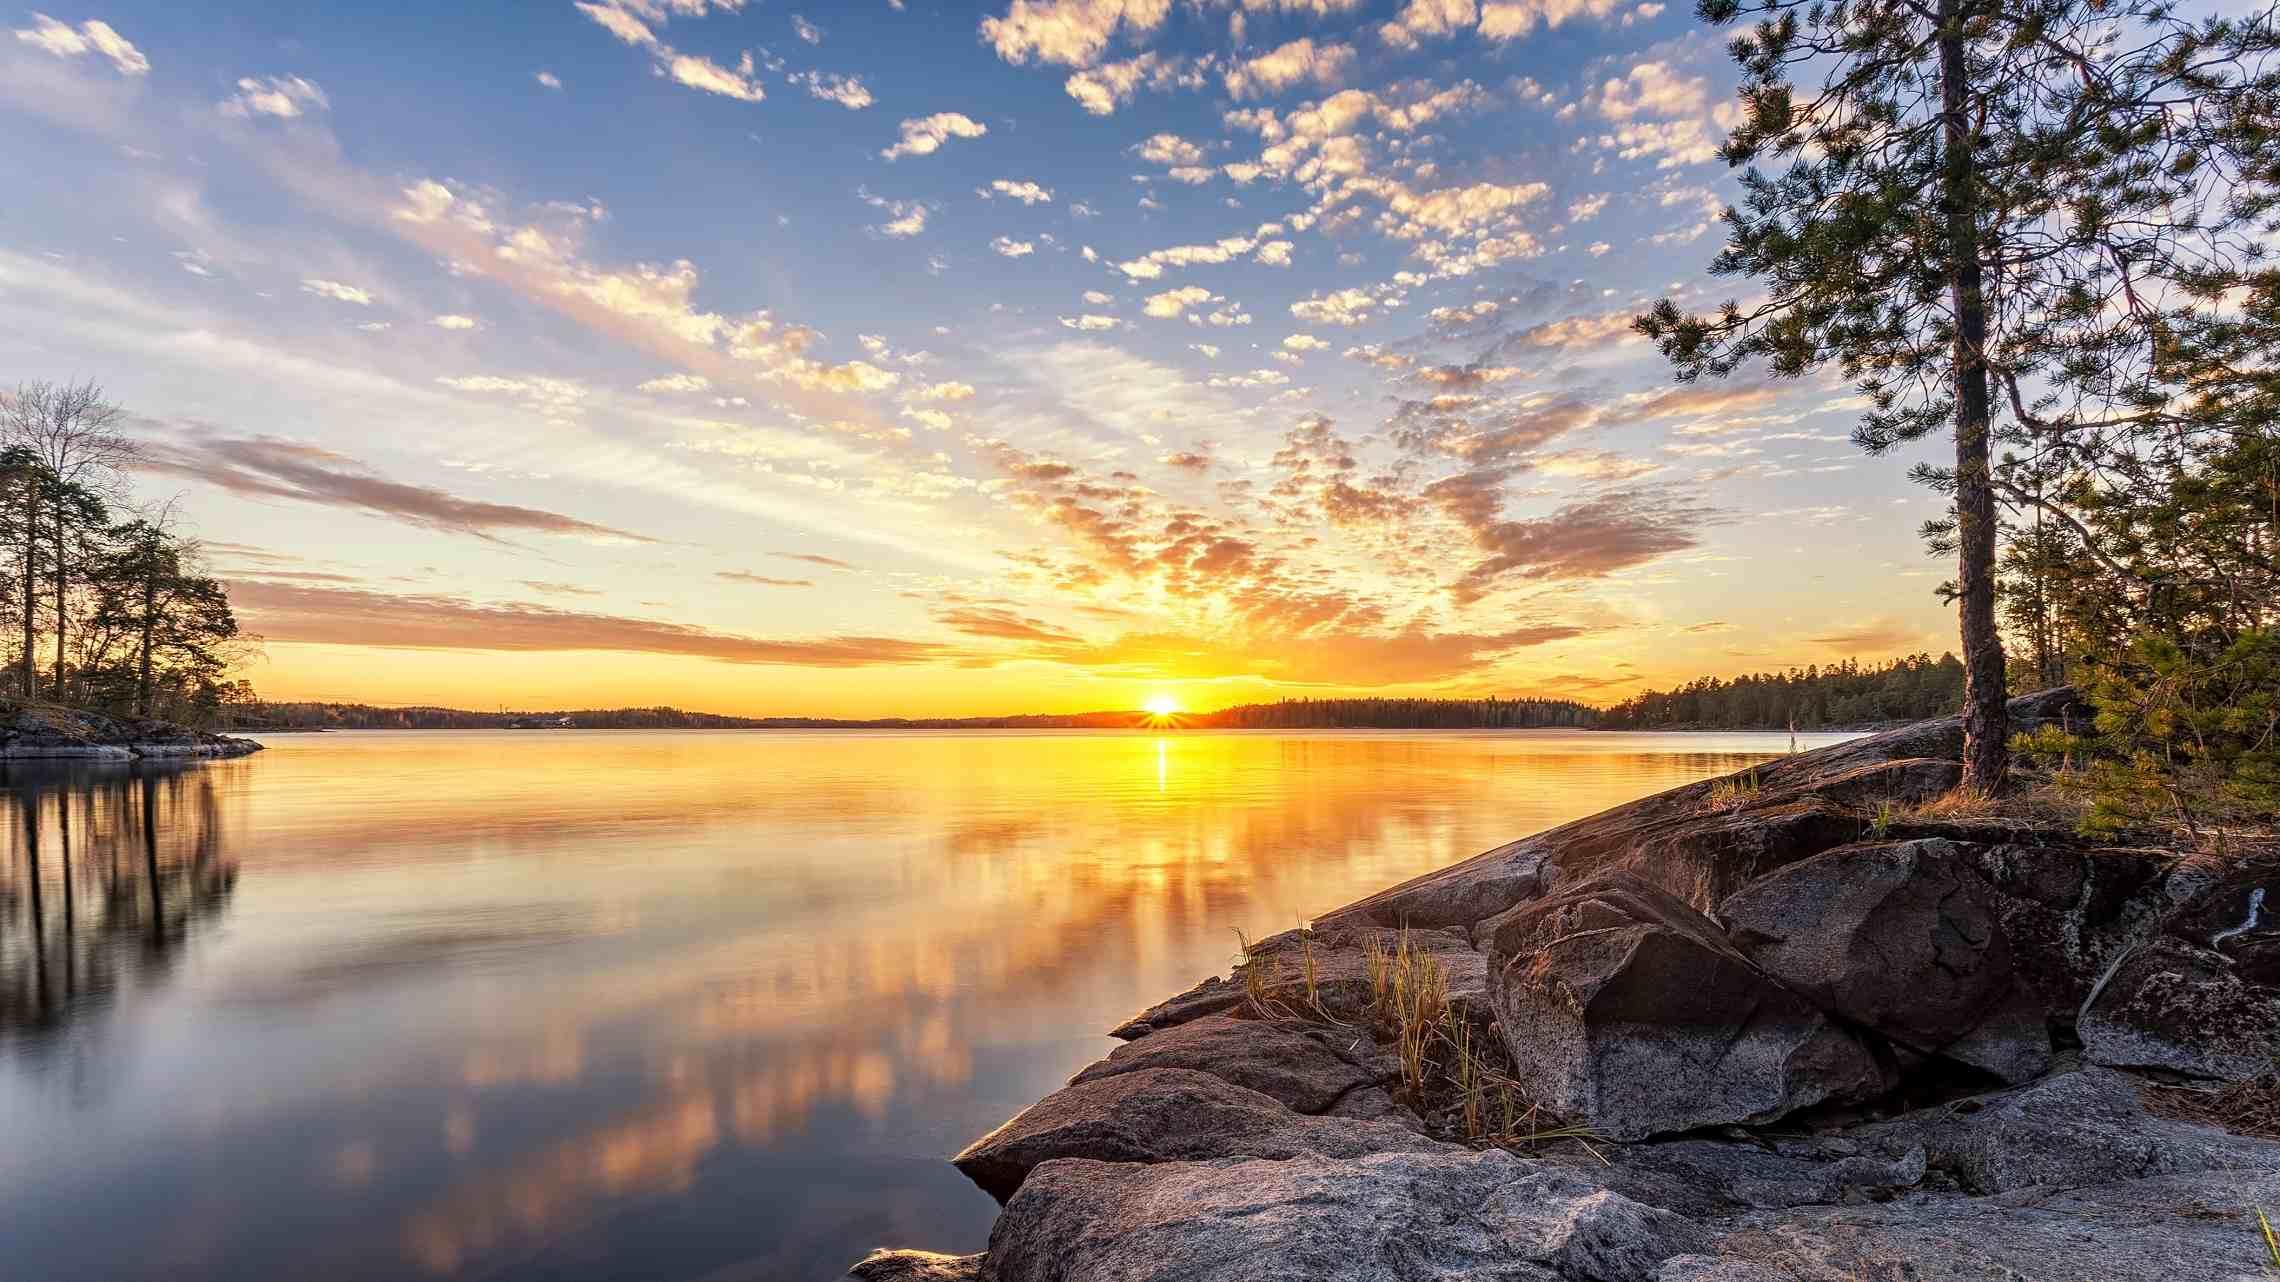 Näkymä-Saimaalla-1920x1080.jpg